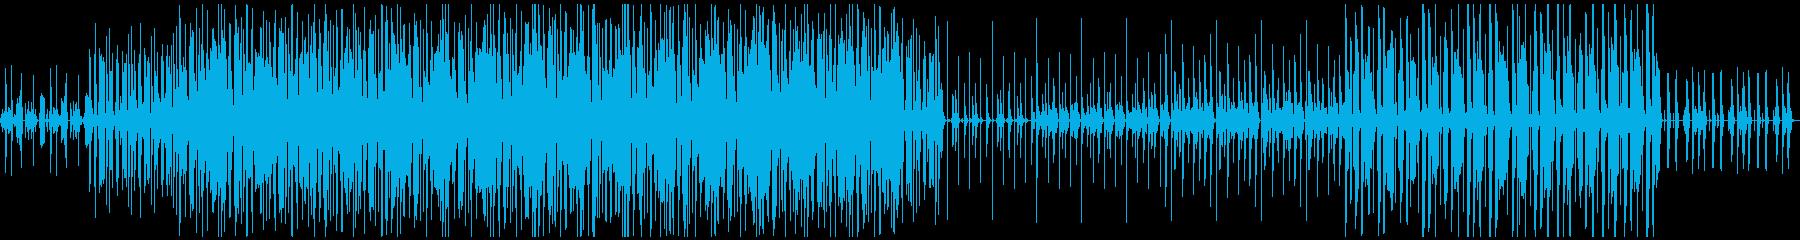 ループ可、ファンクBGMの再生済みの波形